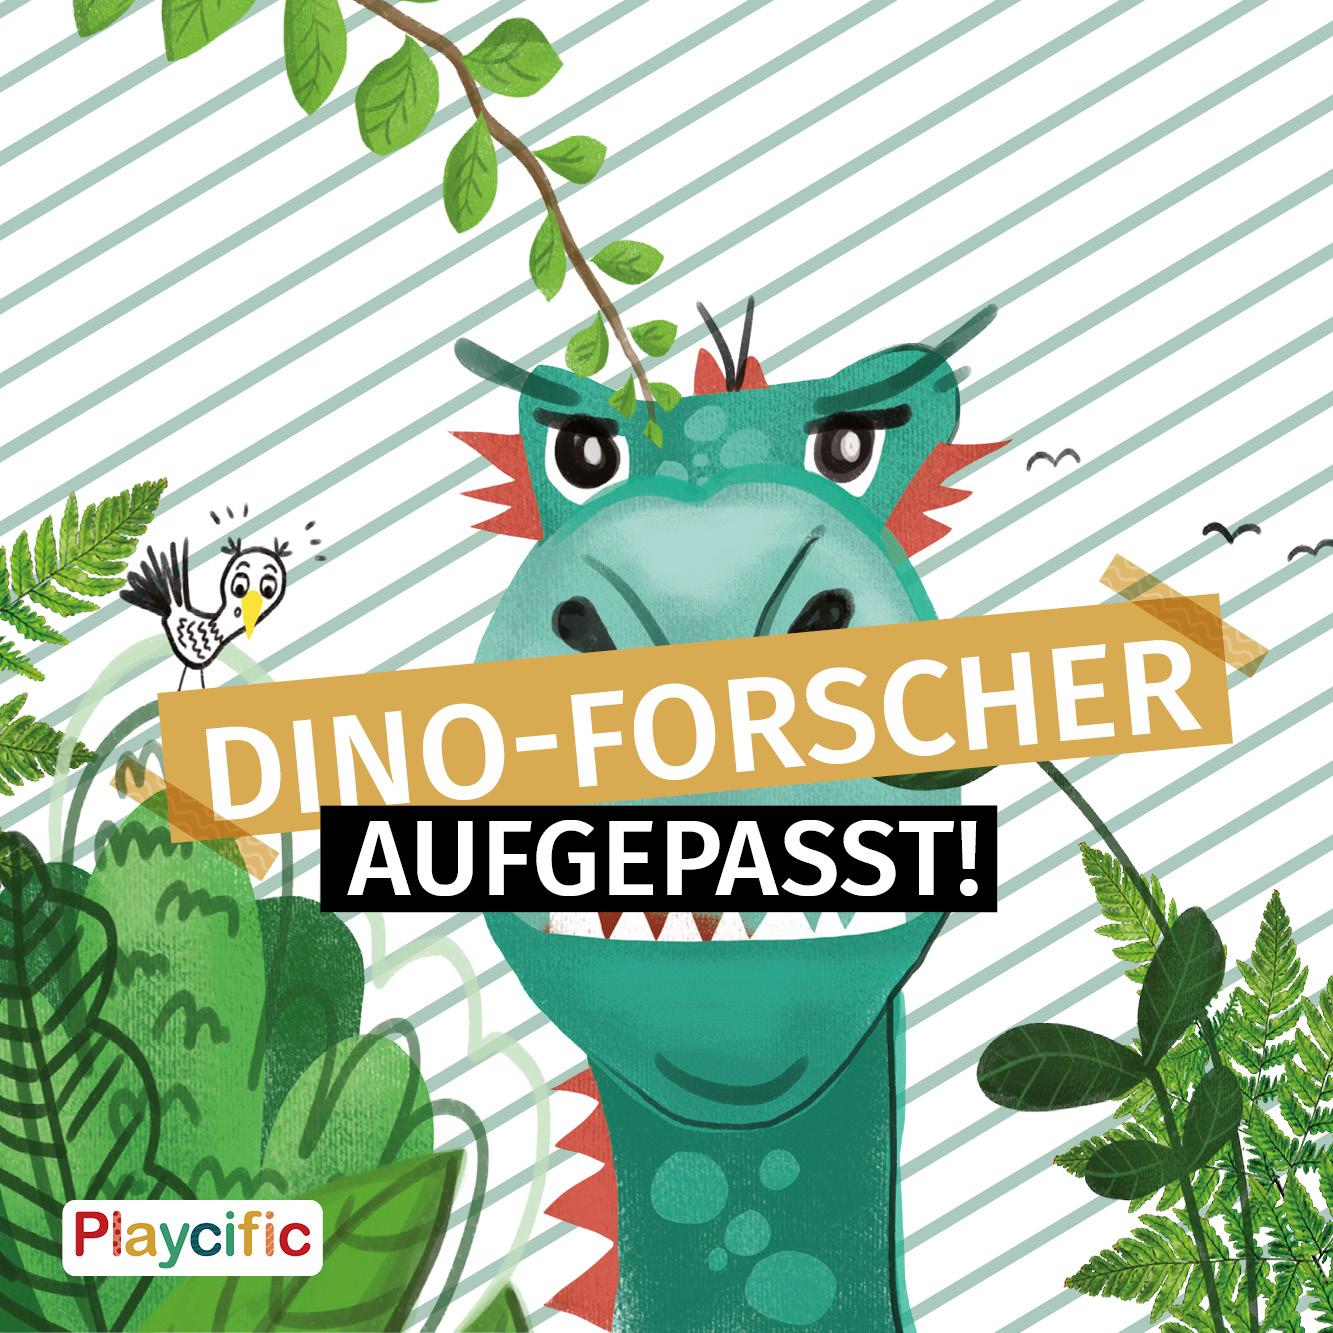 Dino-Forscher aufgepasst!